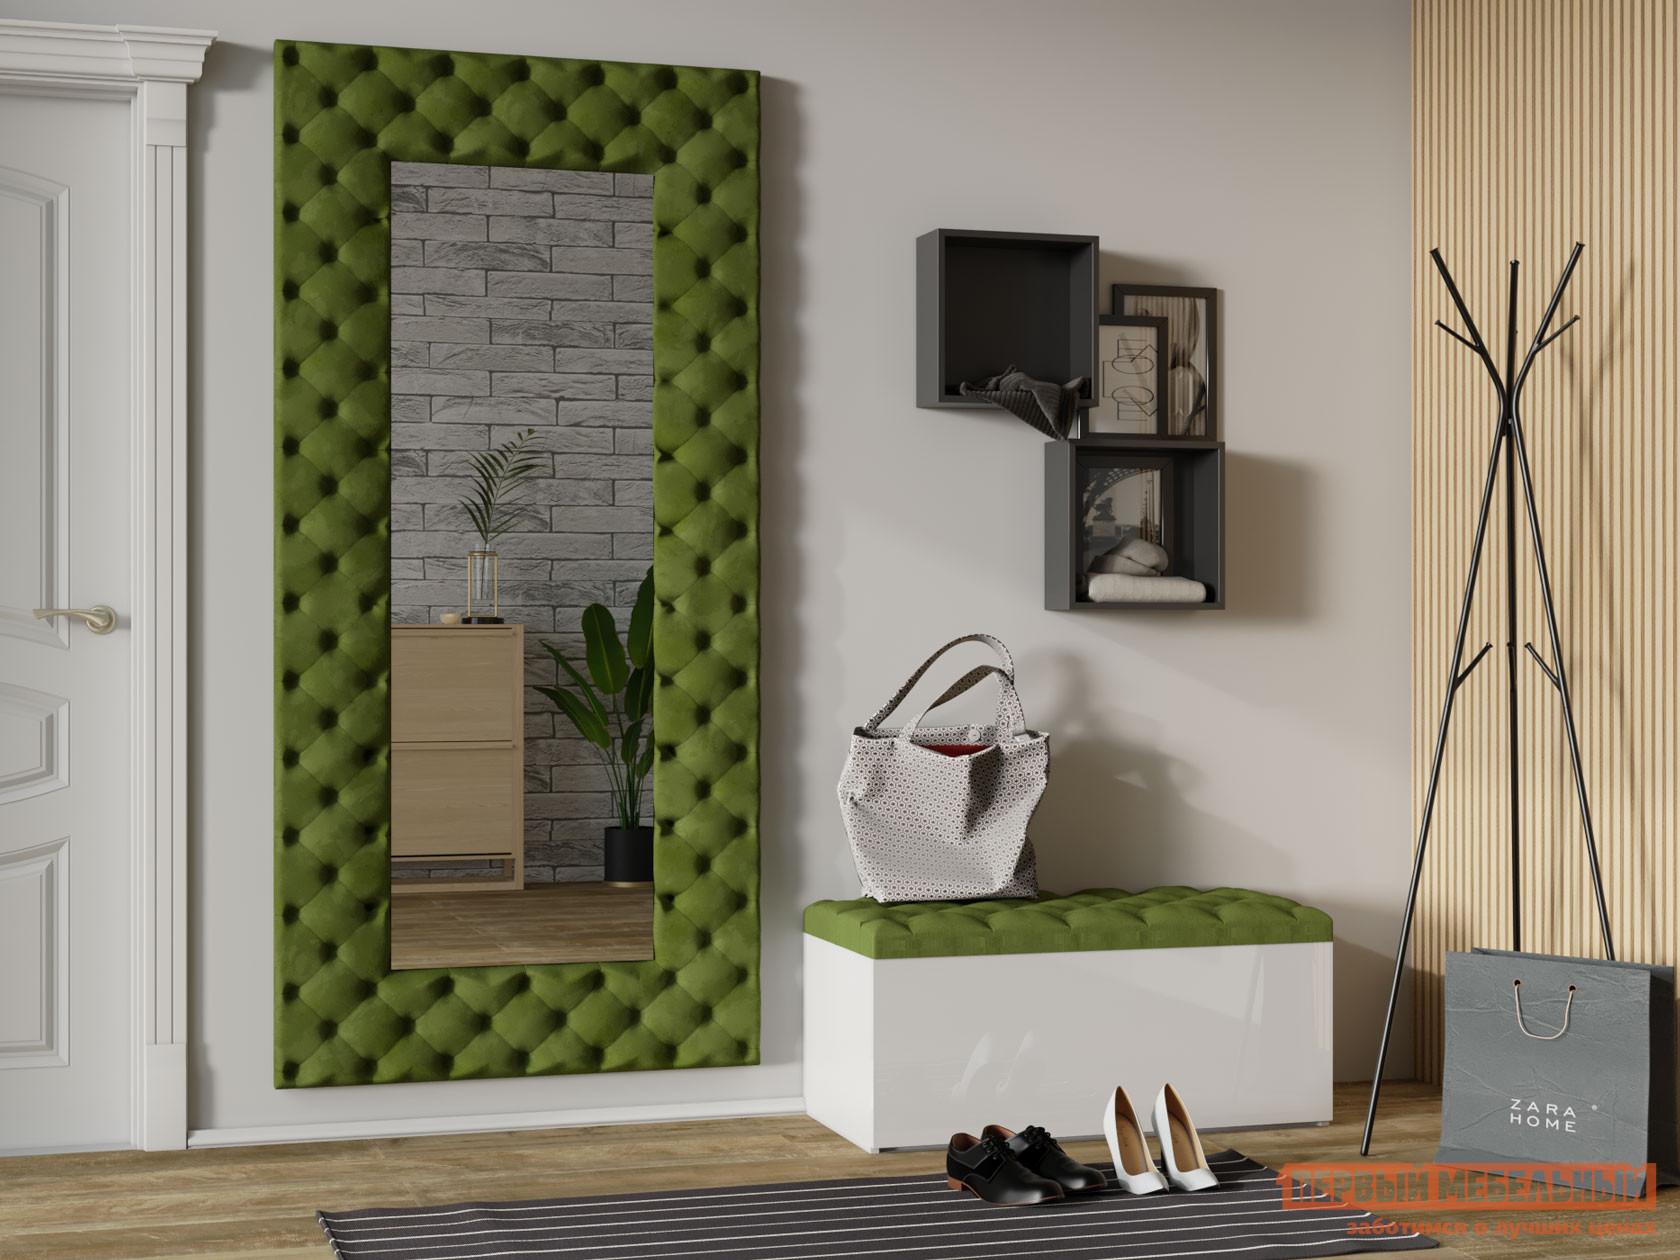 Комплект мебели для прихожей Мелания Комплект мебели для прихожей Графтон 3